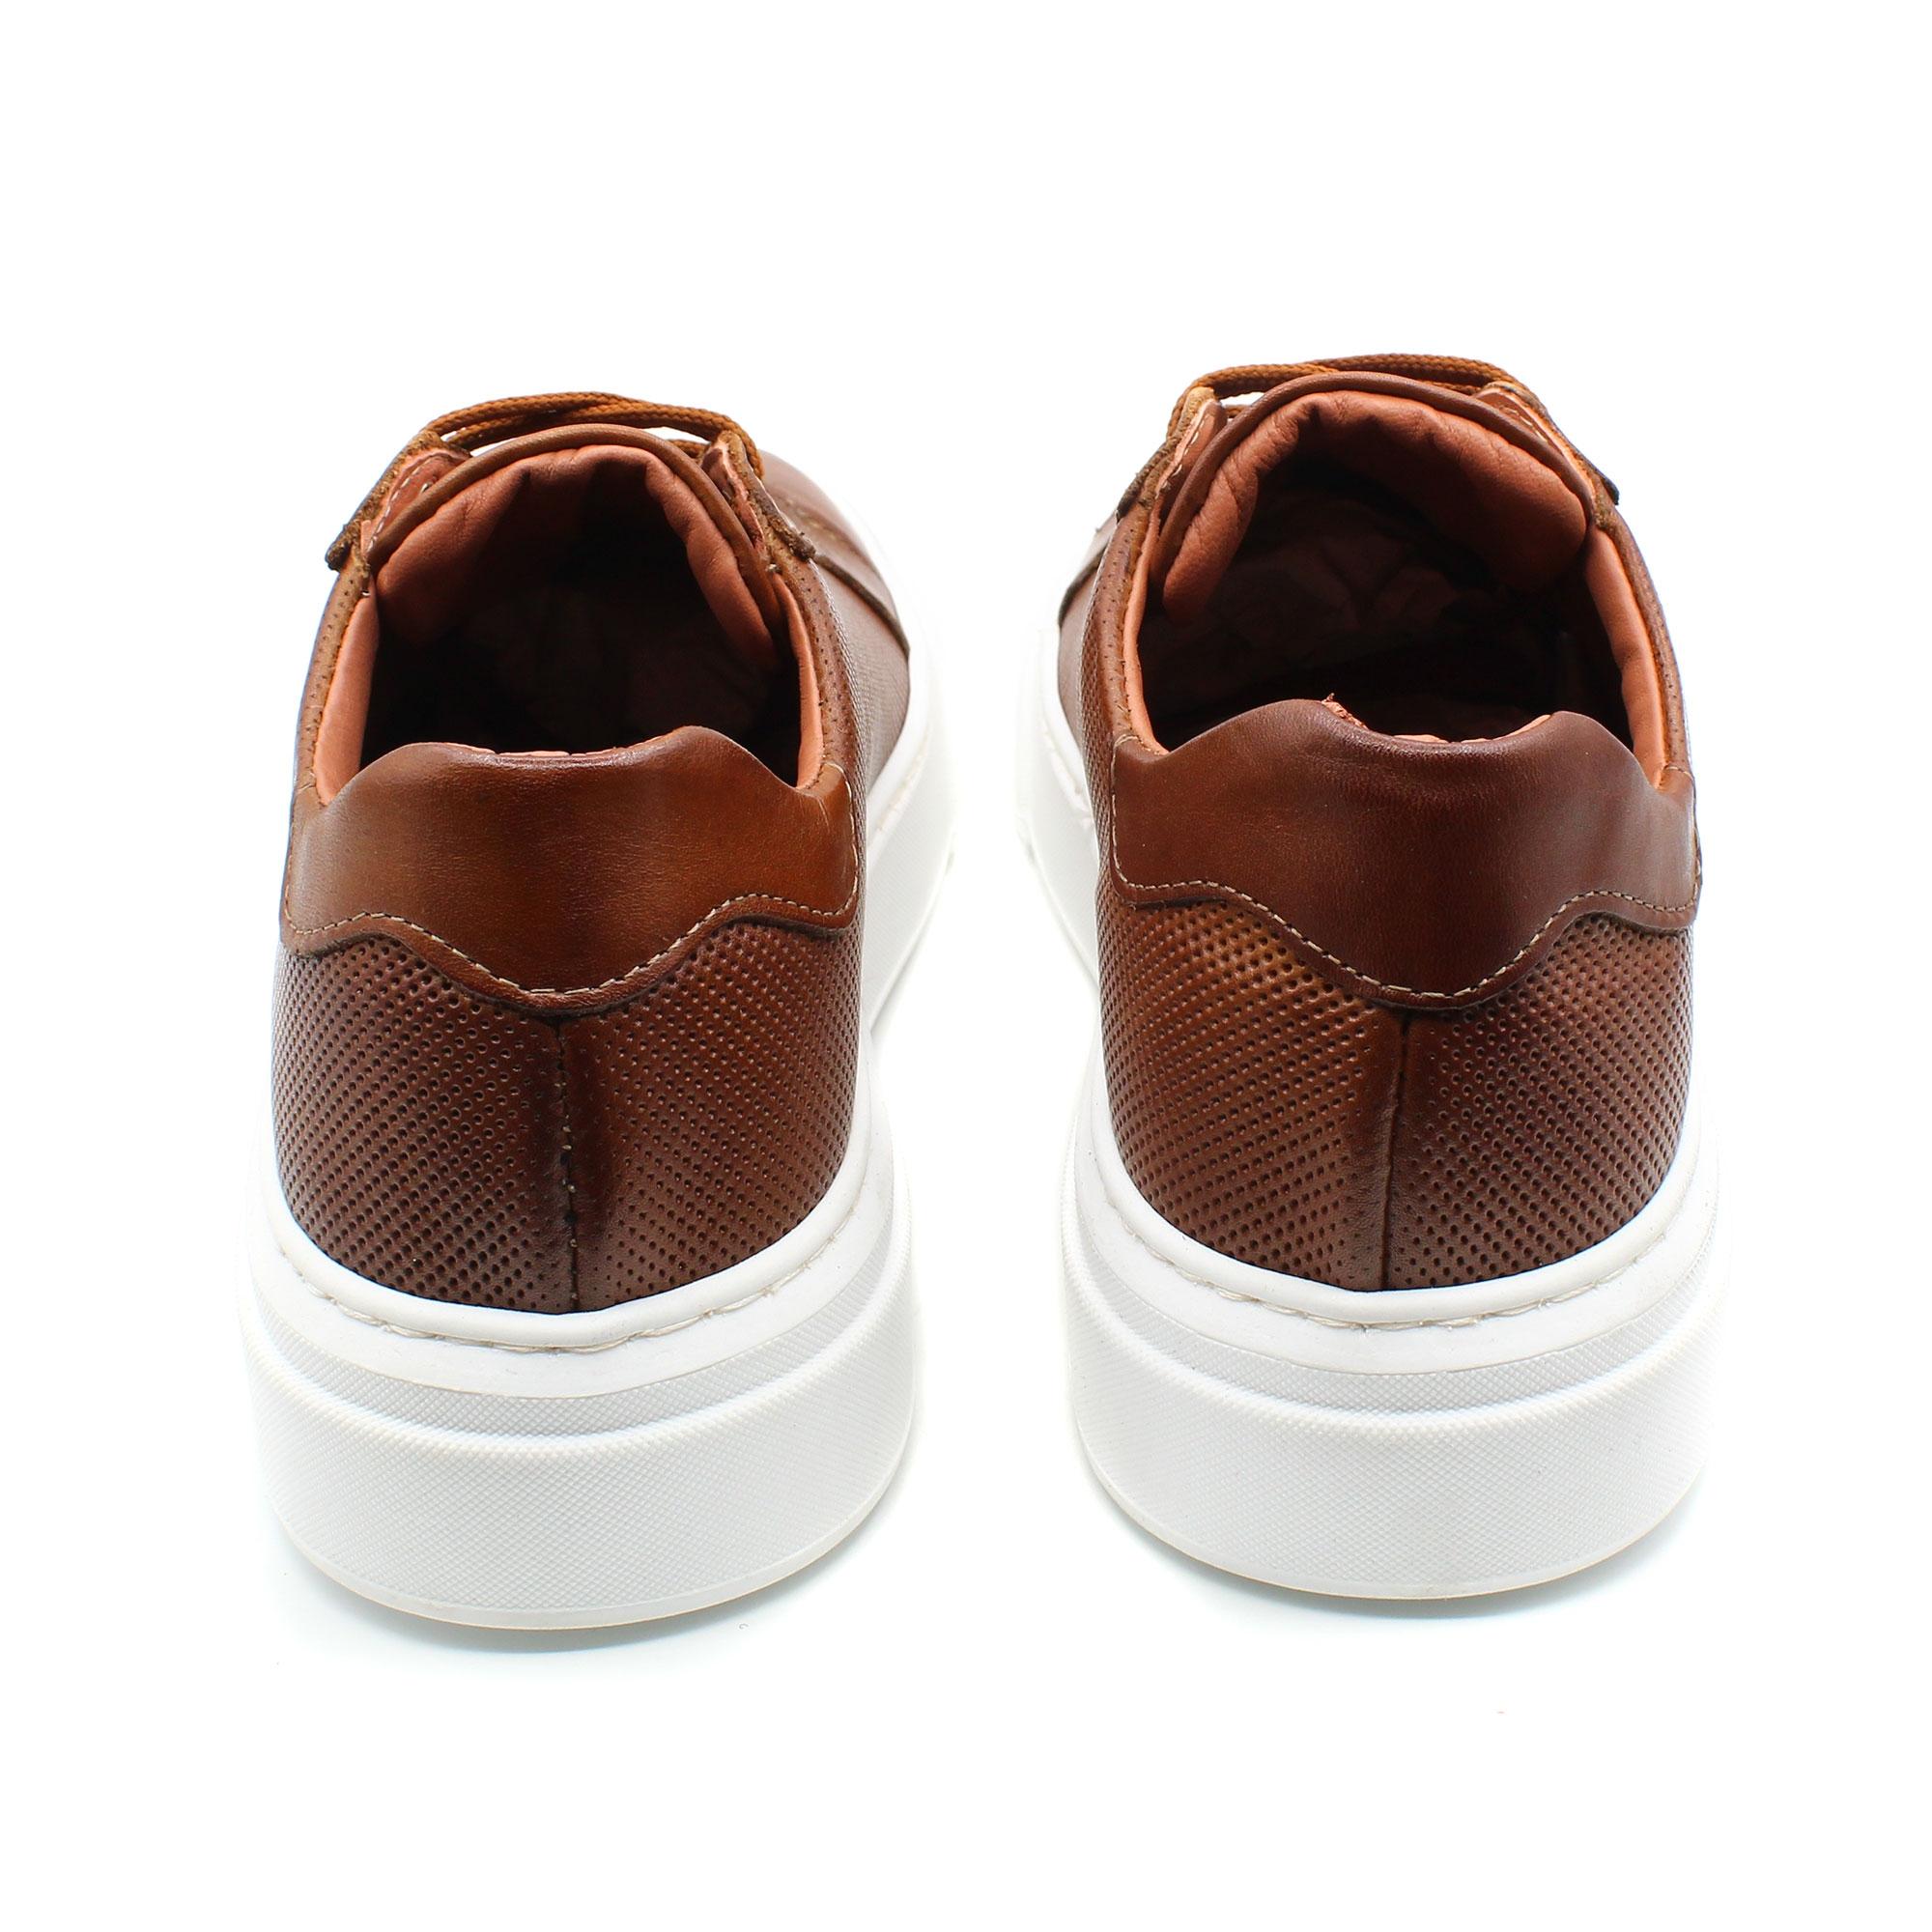 miniatura 15 - Sneakers-Uomo-in-Pelle-Basse-Nere-Blu-Scarpe-da-Ginnastica-Sportive-Eleganti